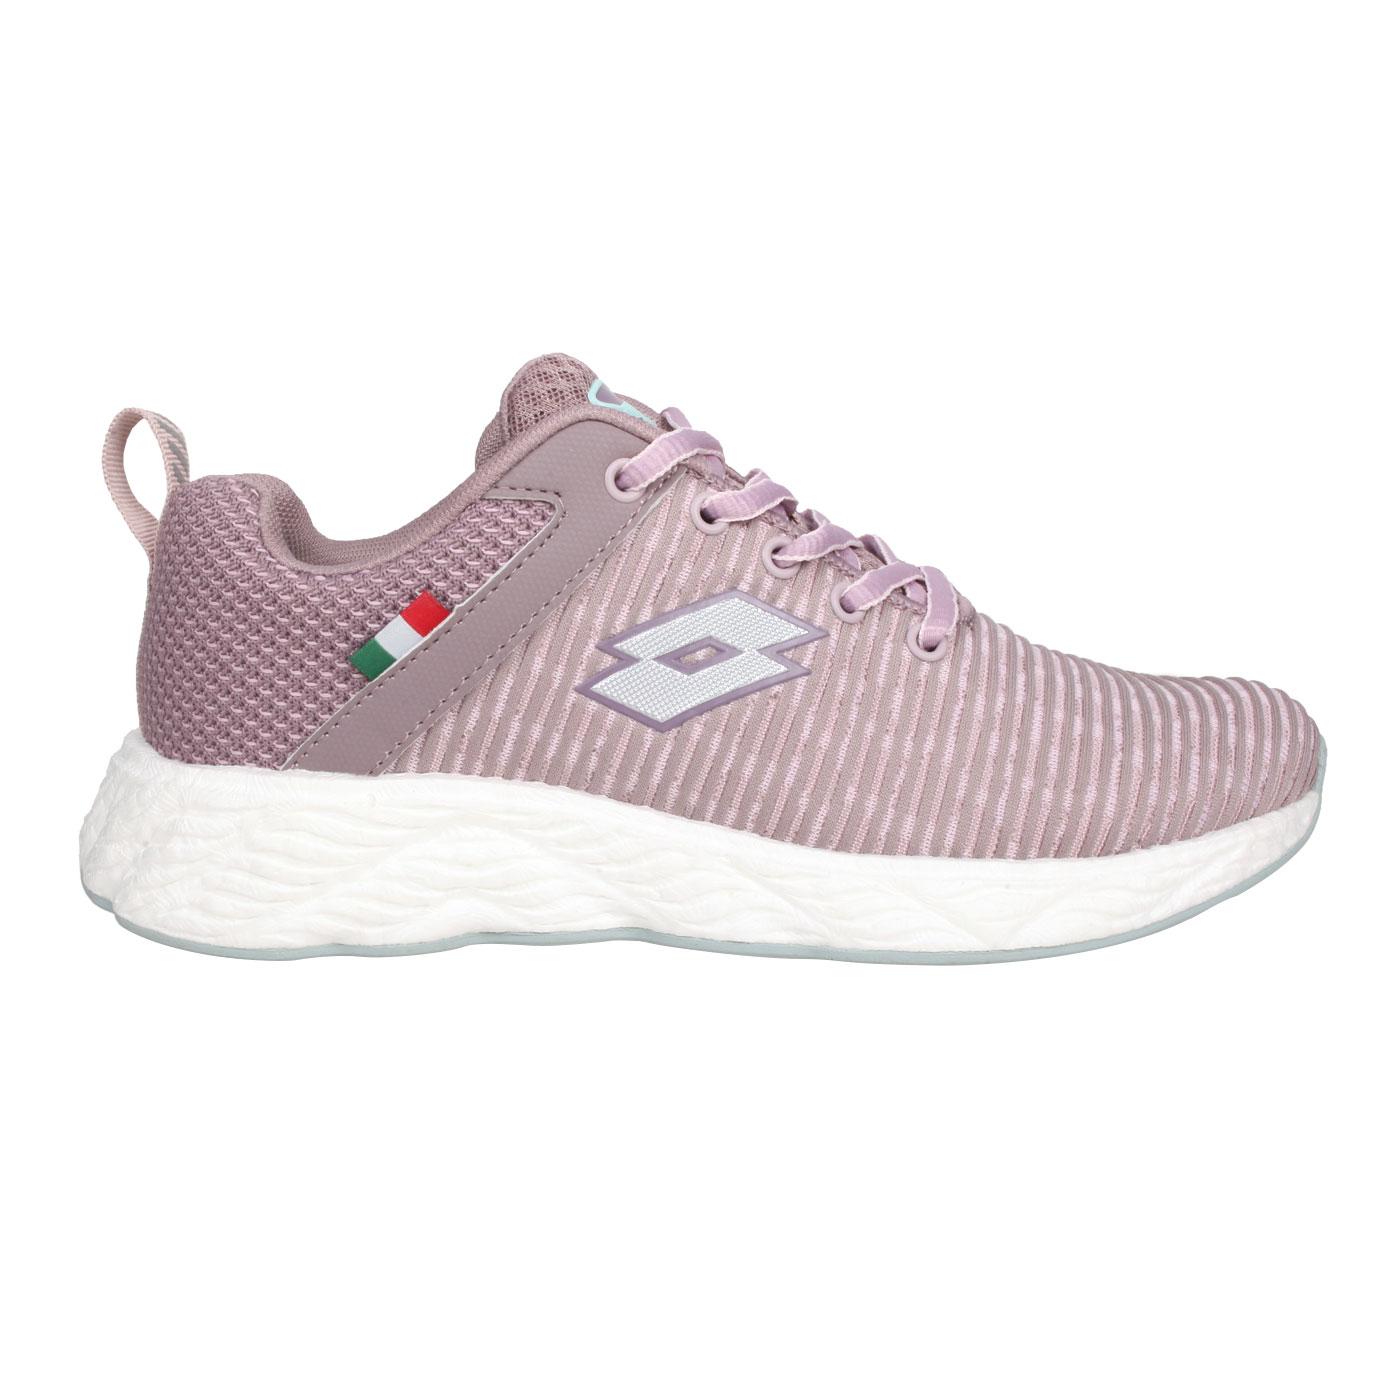 LOTTO 女款休閒慢跑鞋 LT0AWR2537 - 芋紫